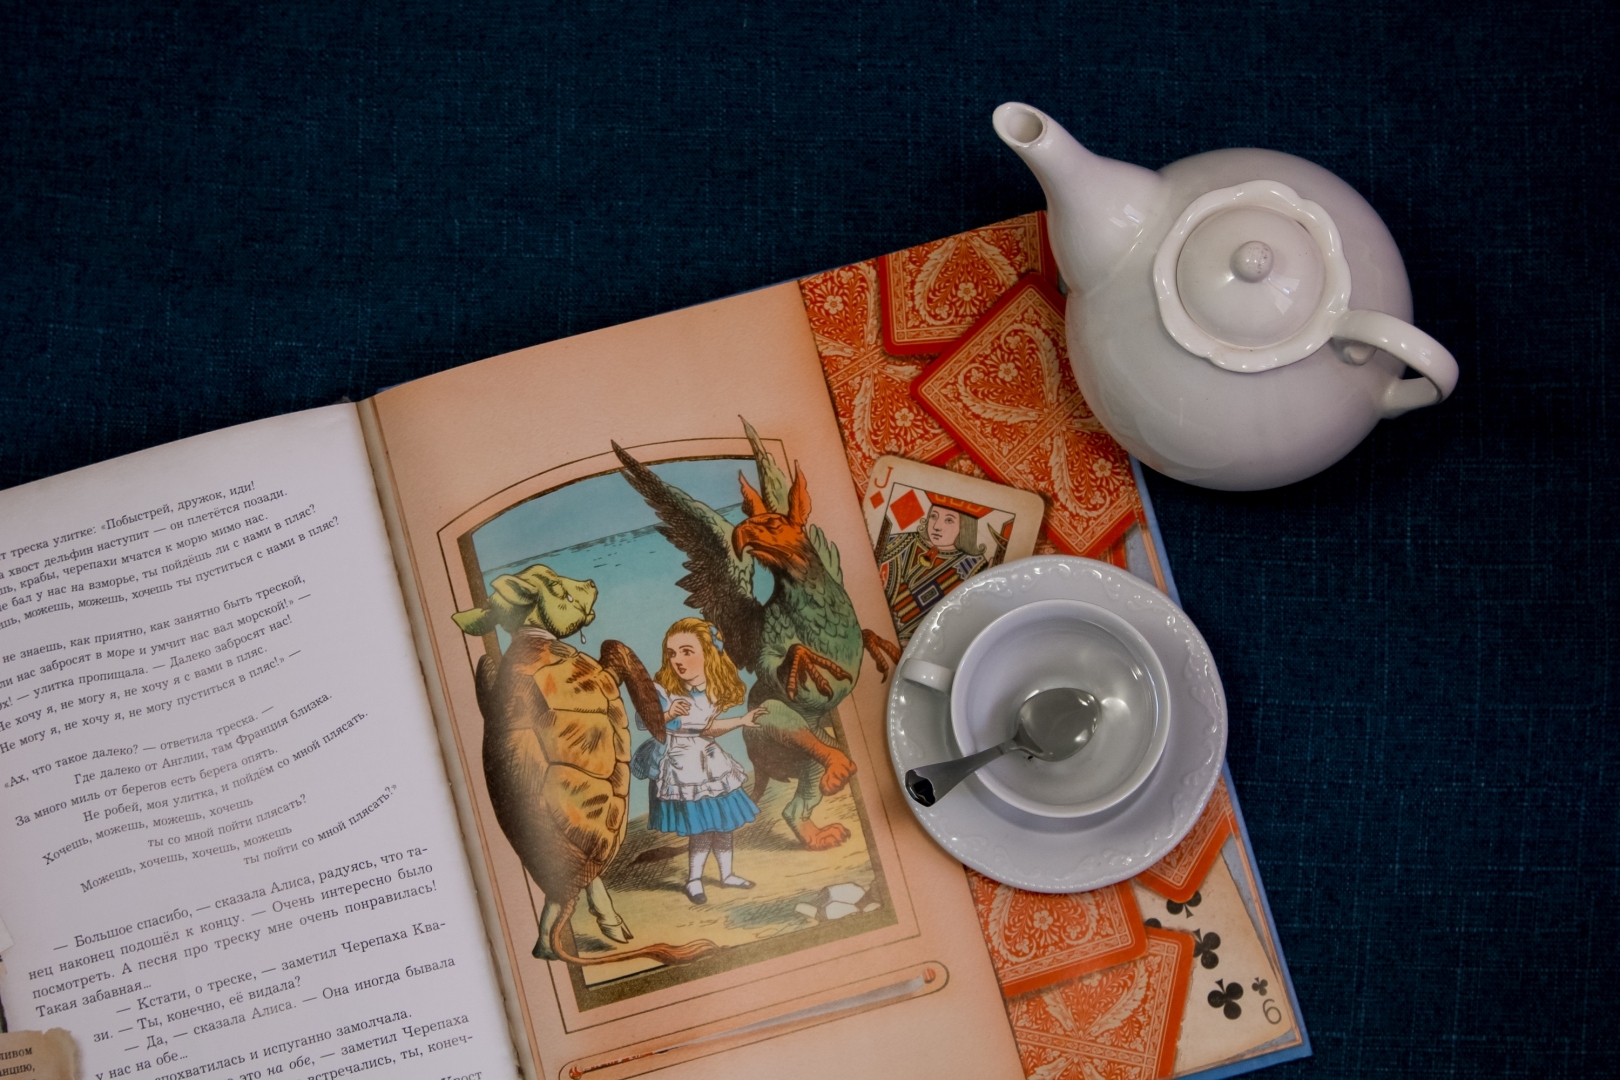 Иллюстрация 1 из 188 для Приключения Алисы в Стране Чудес - Льюис Кэрролл | Лабиринт - книги. Источник: Лабиринт